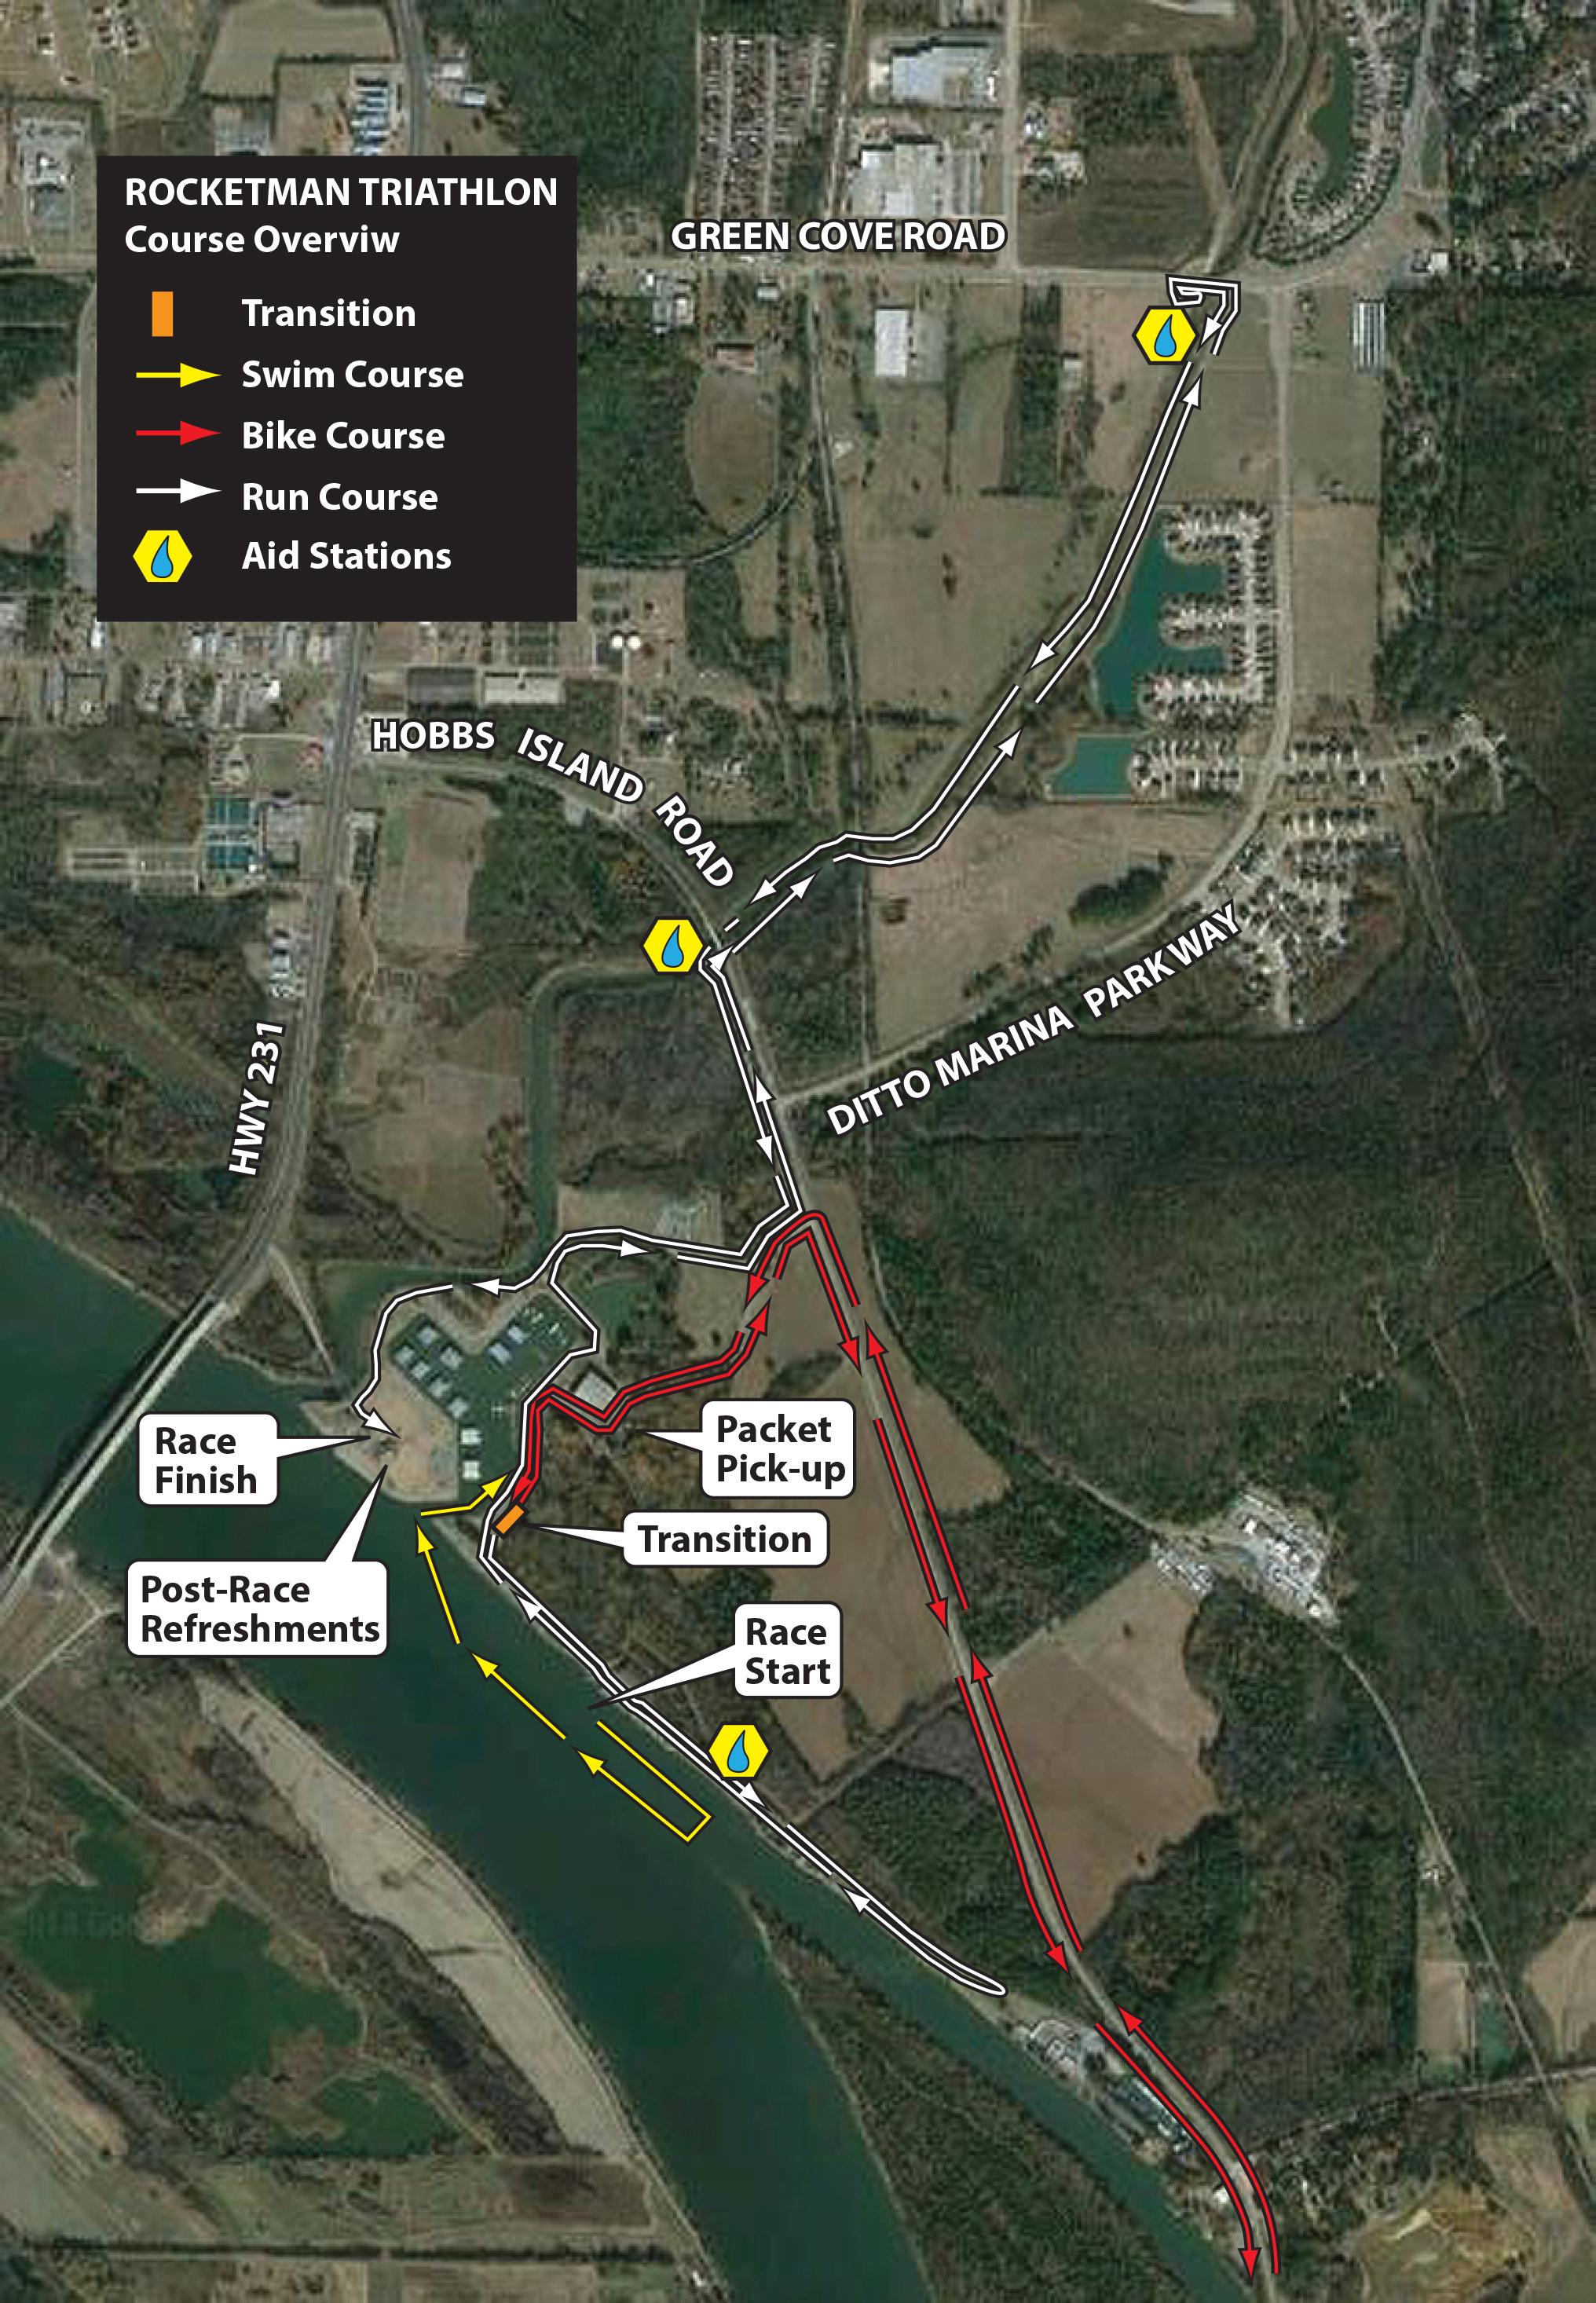 Rocketman Course Overview